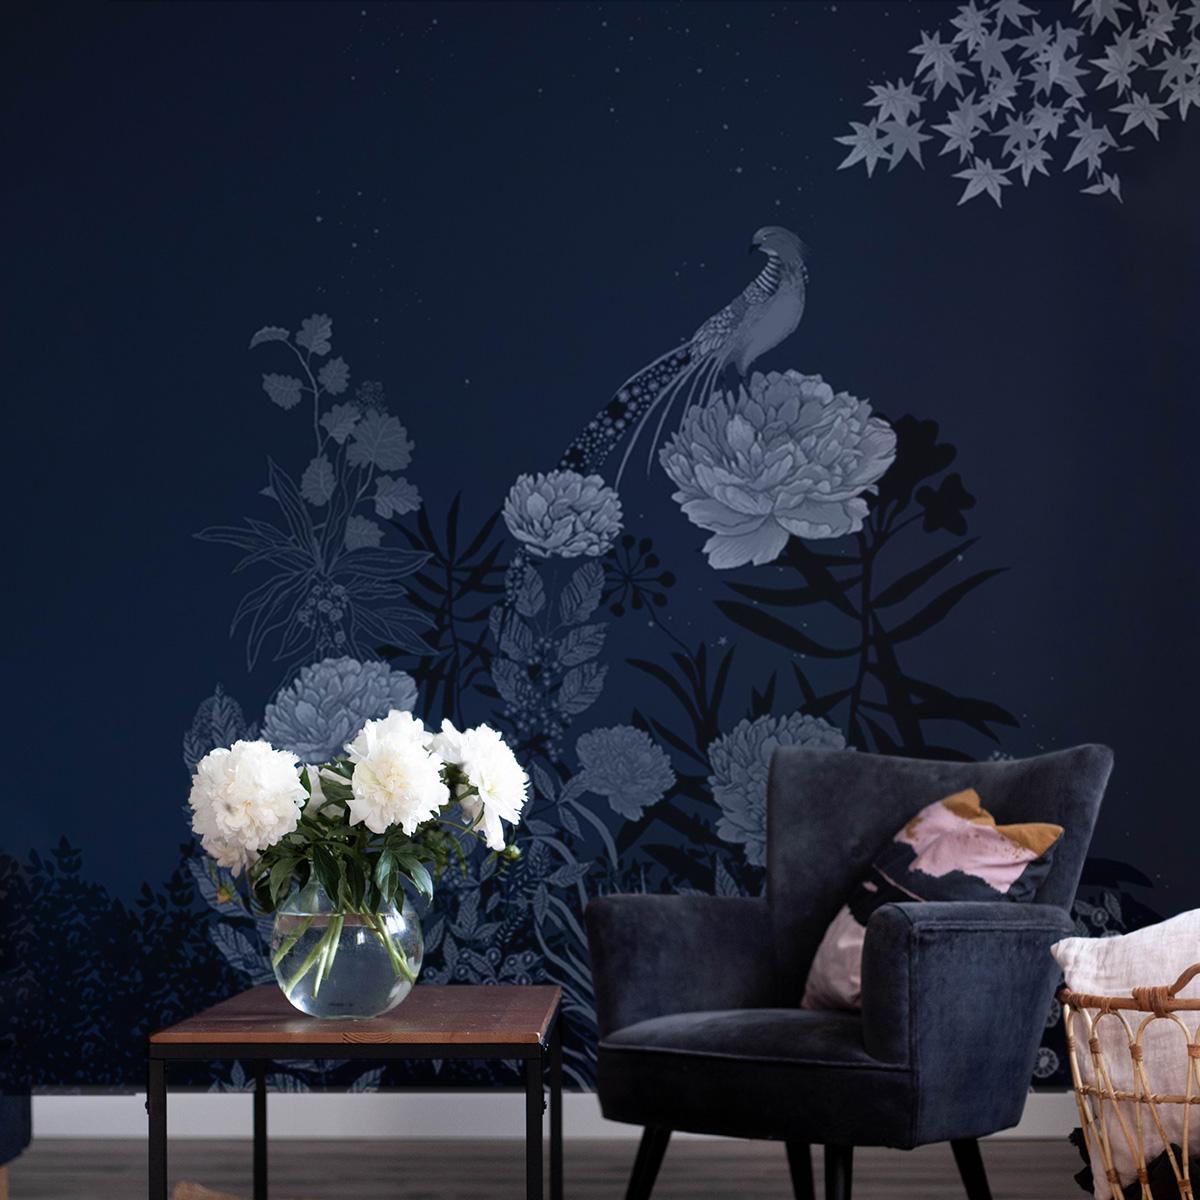 Papier-peint faisan nocturne 255x250